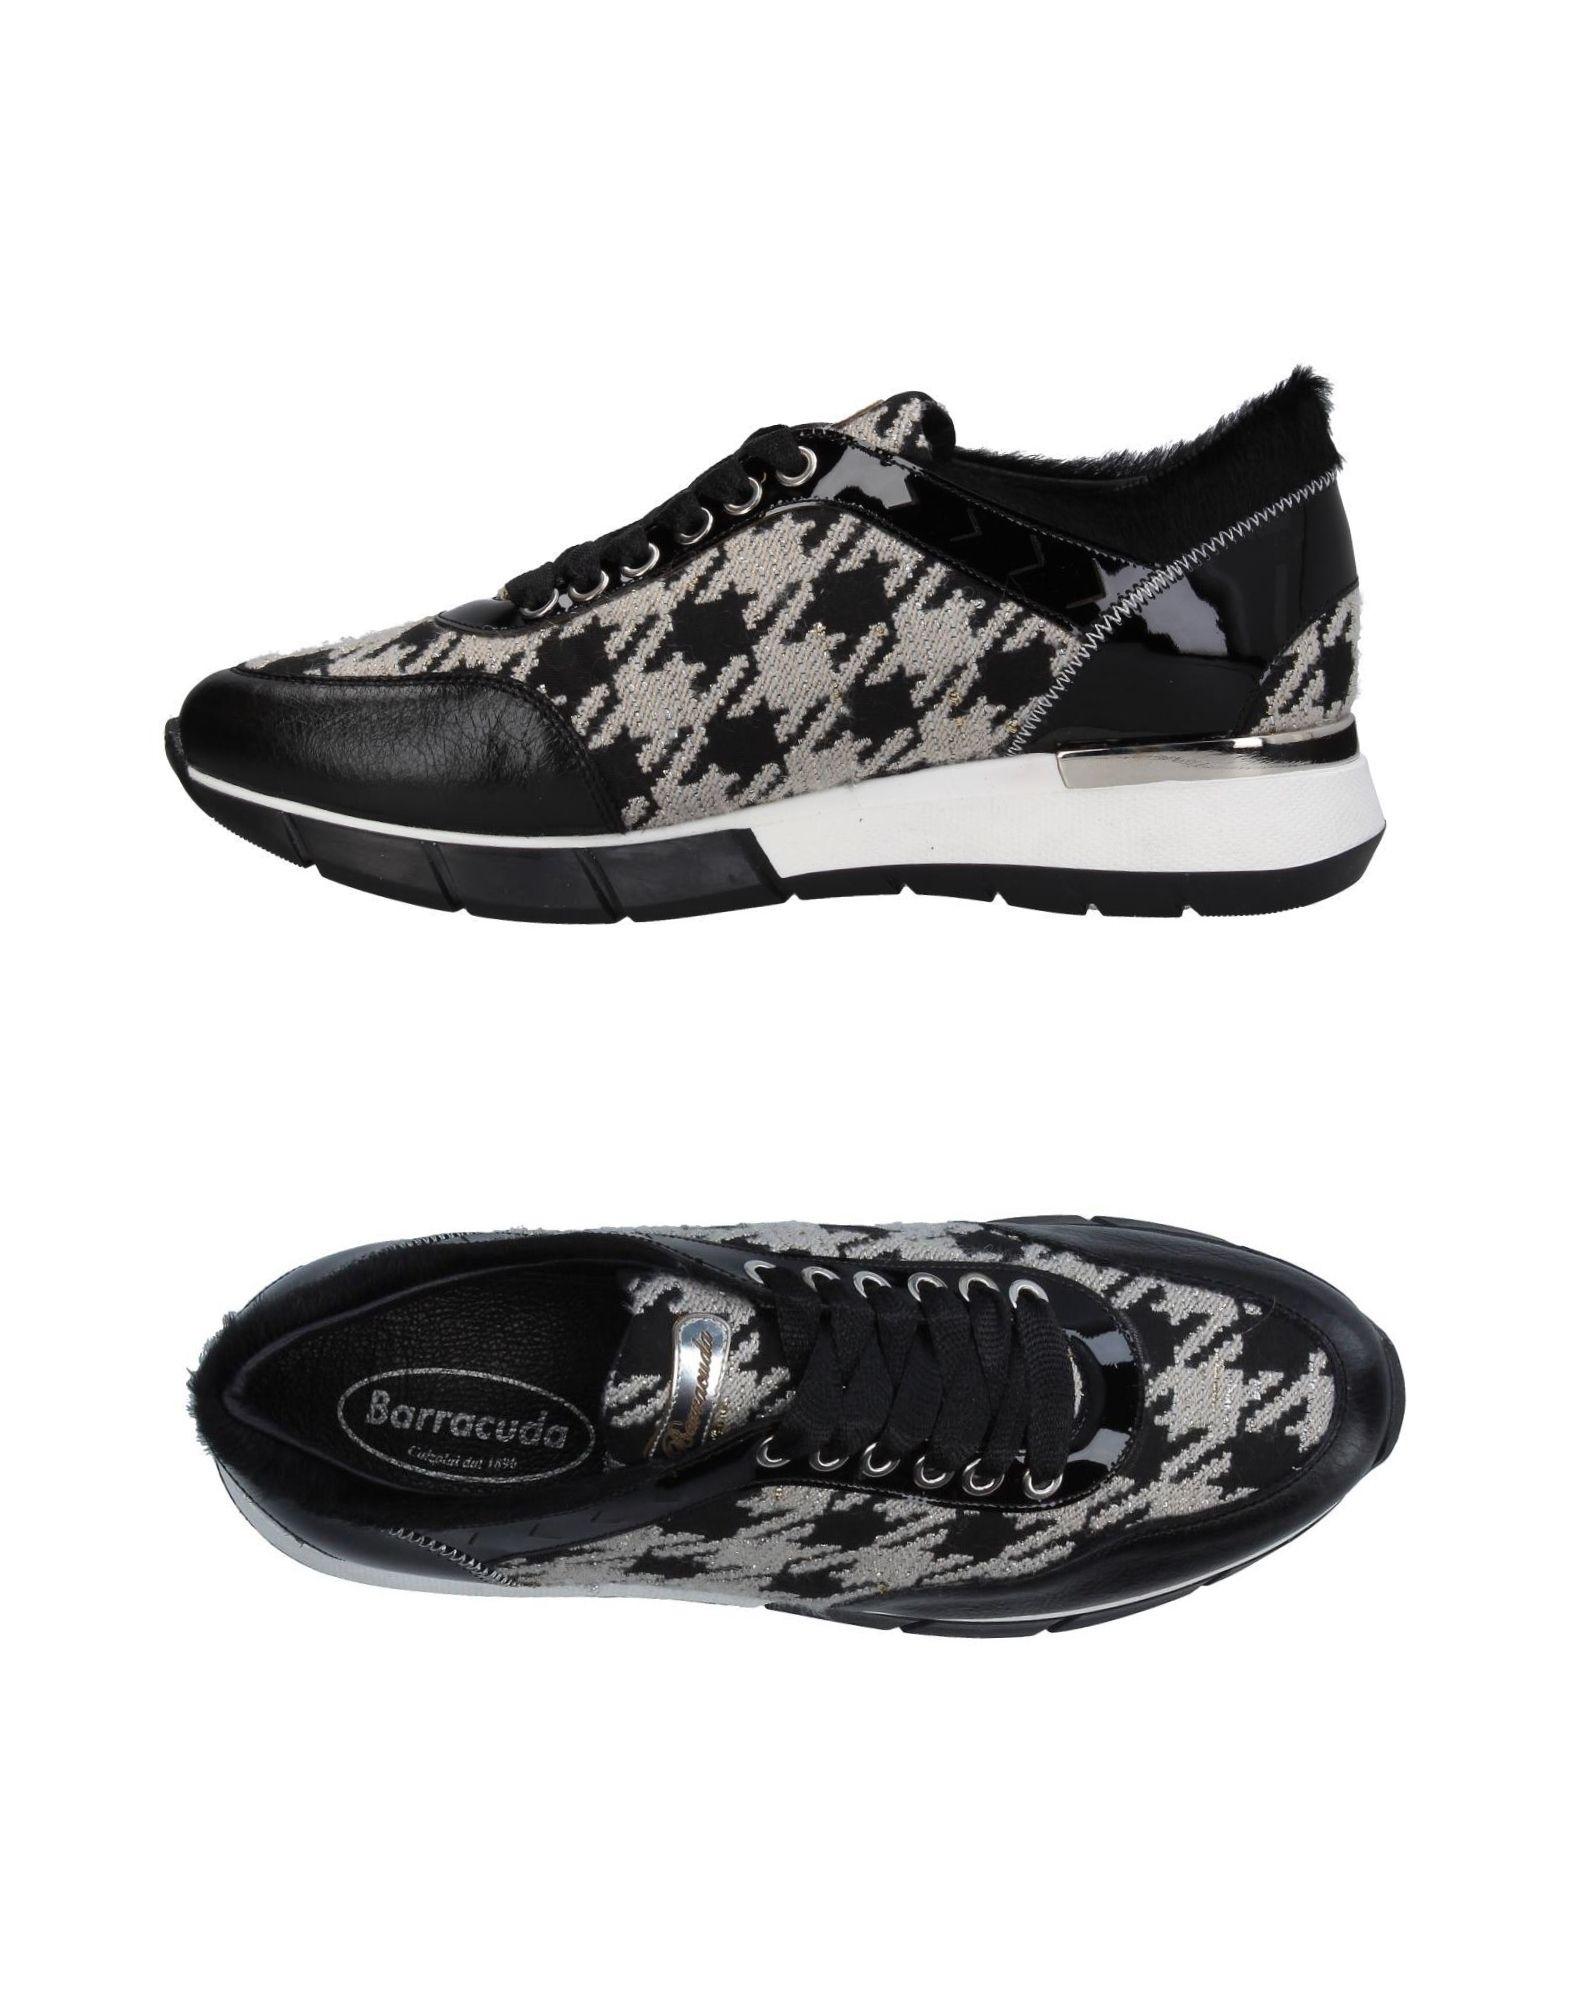 Baskets Barracuda Femme - Baskets Barracuda Noir Les chaussures les plus populaires pour les hommes et les femmes